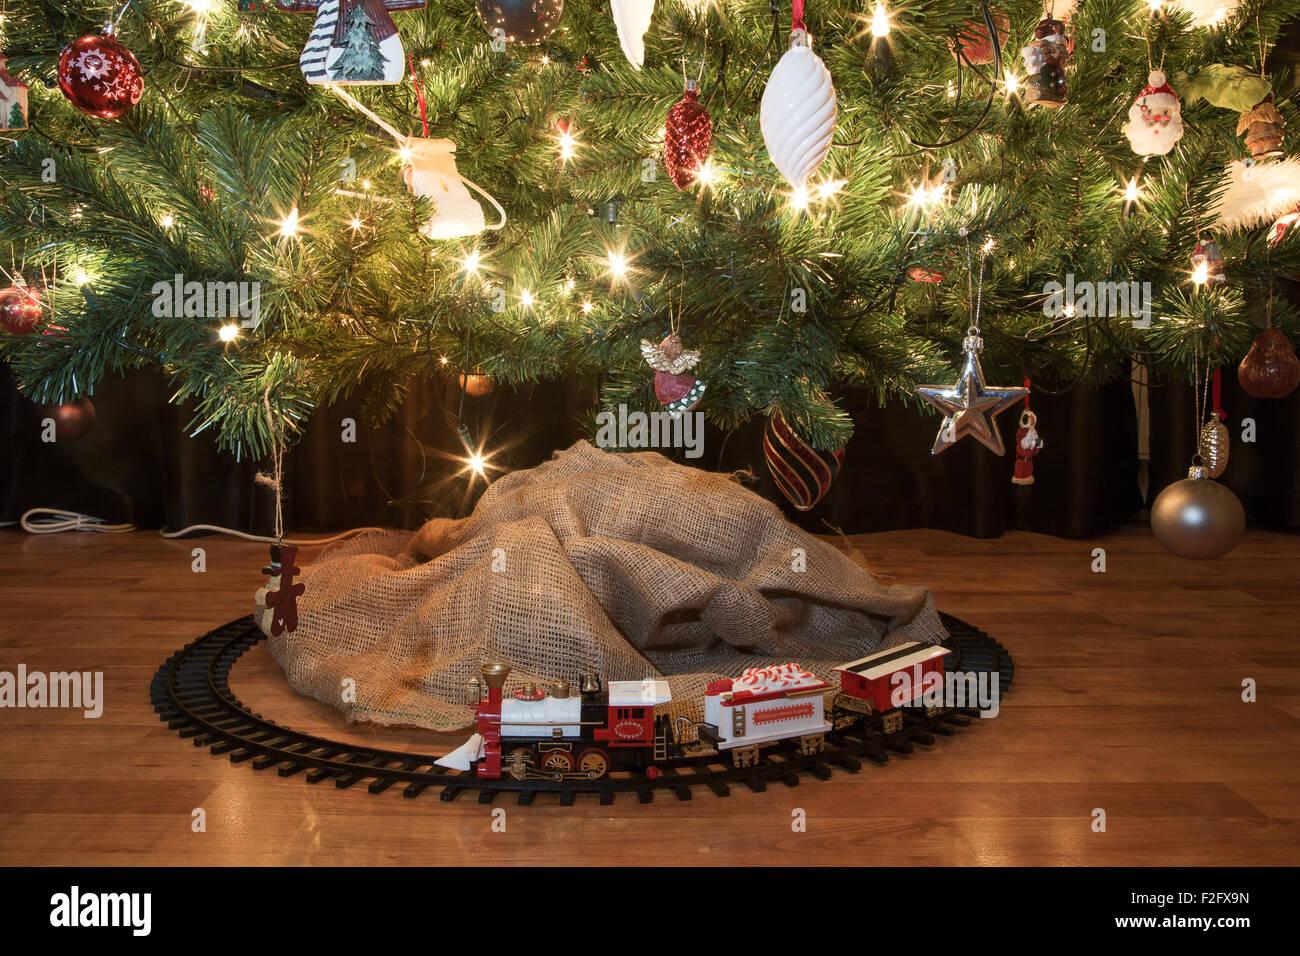 Árbol Tren Luces Juguete Decorado Con Un De Debajo Navidad hCxtrsQd